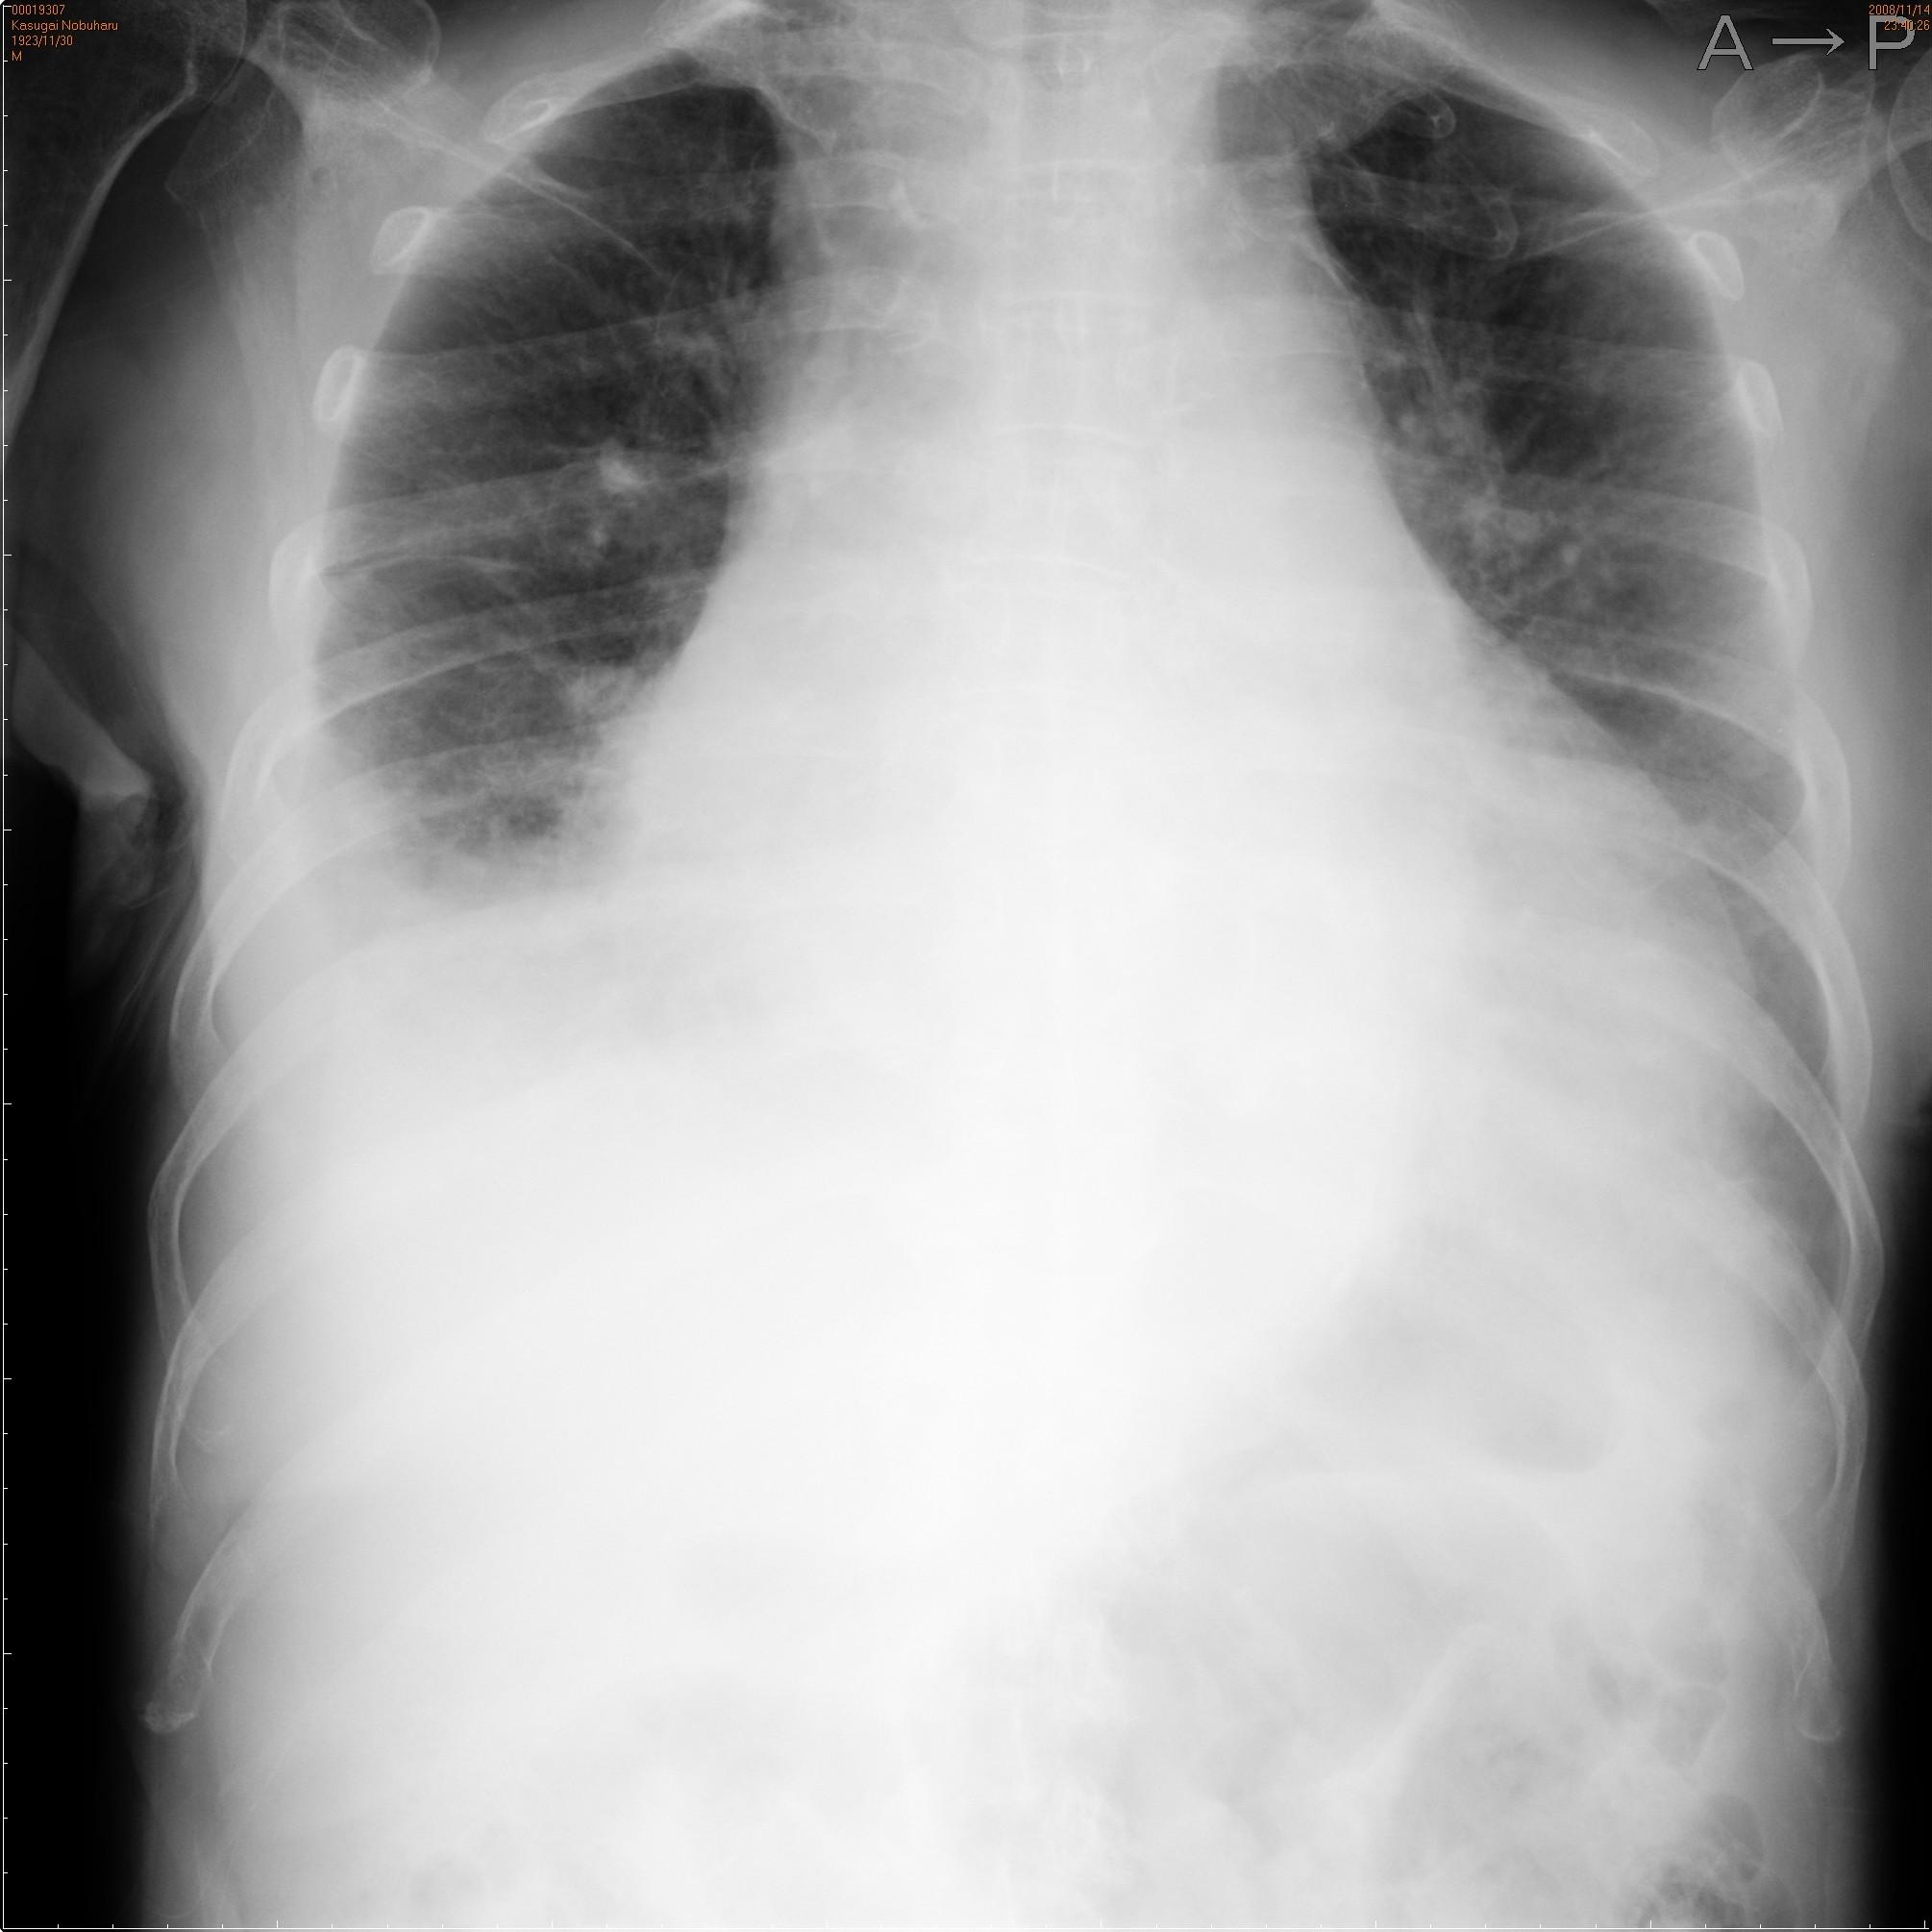 肺 うっ血 レントゲン